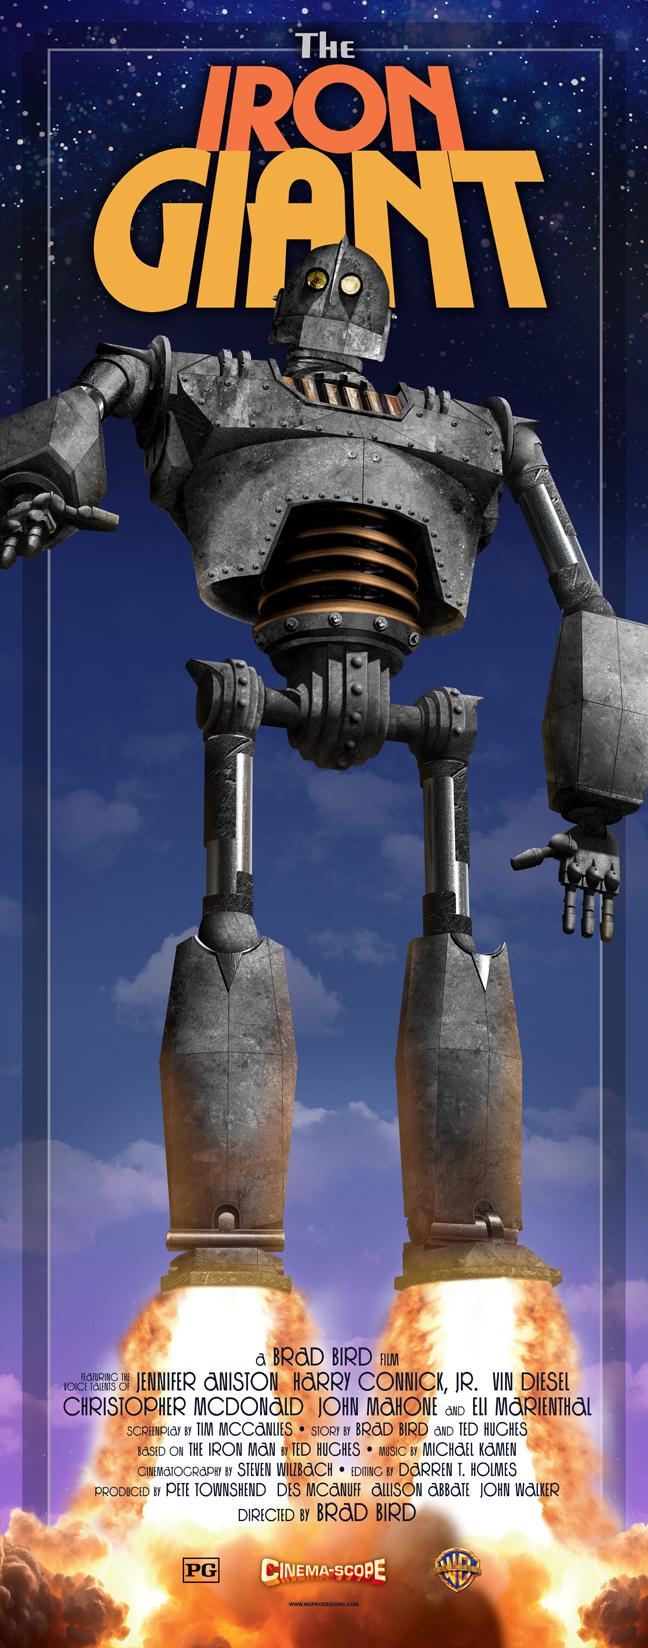 The Iron Giant hopko designs The Iron Giant poster by Hopko Designs